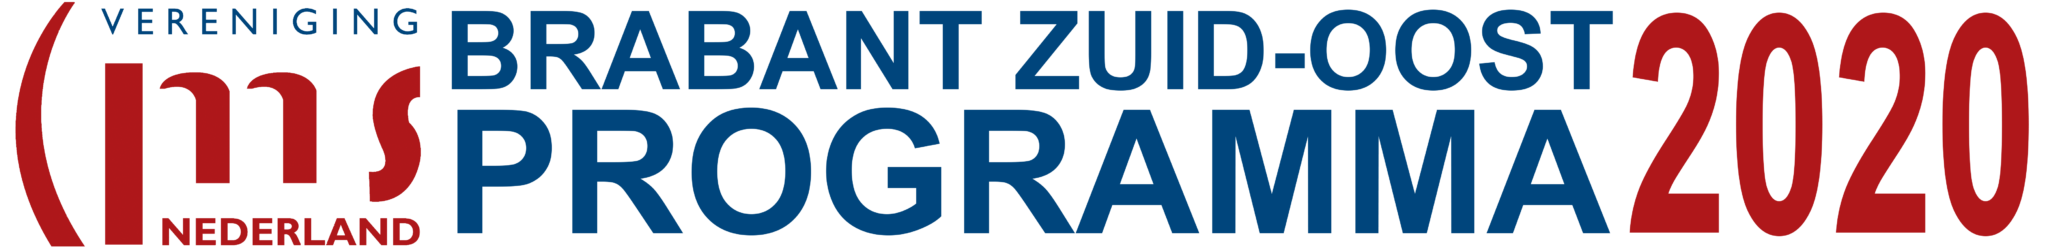 MSVN Brabant Z-O Agenda 2020